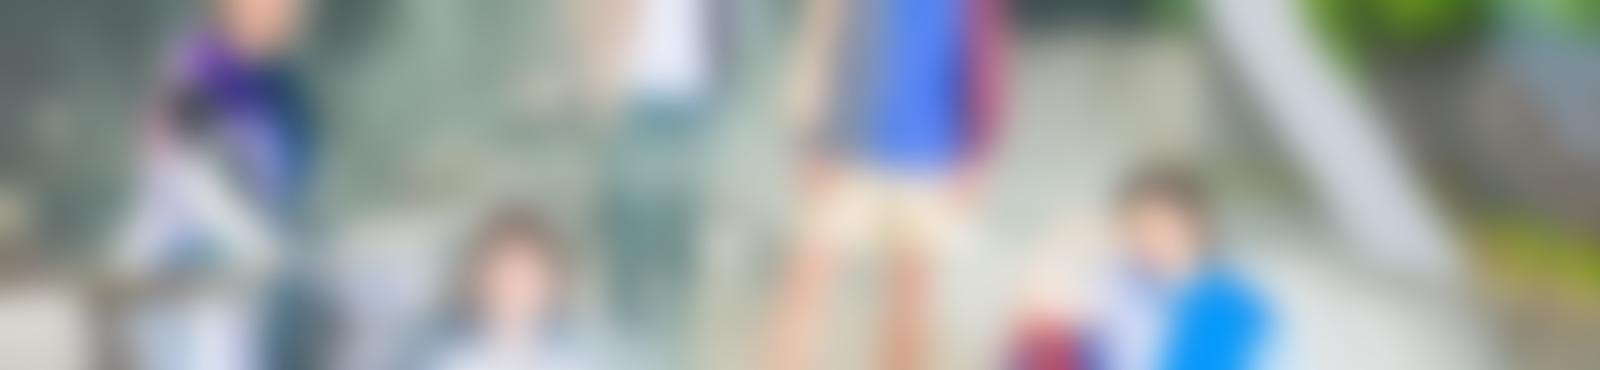 Blurred a525e366 7d0e 47c6 bd2b c65c05f4fb6a